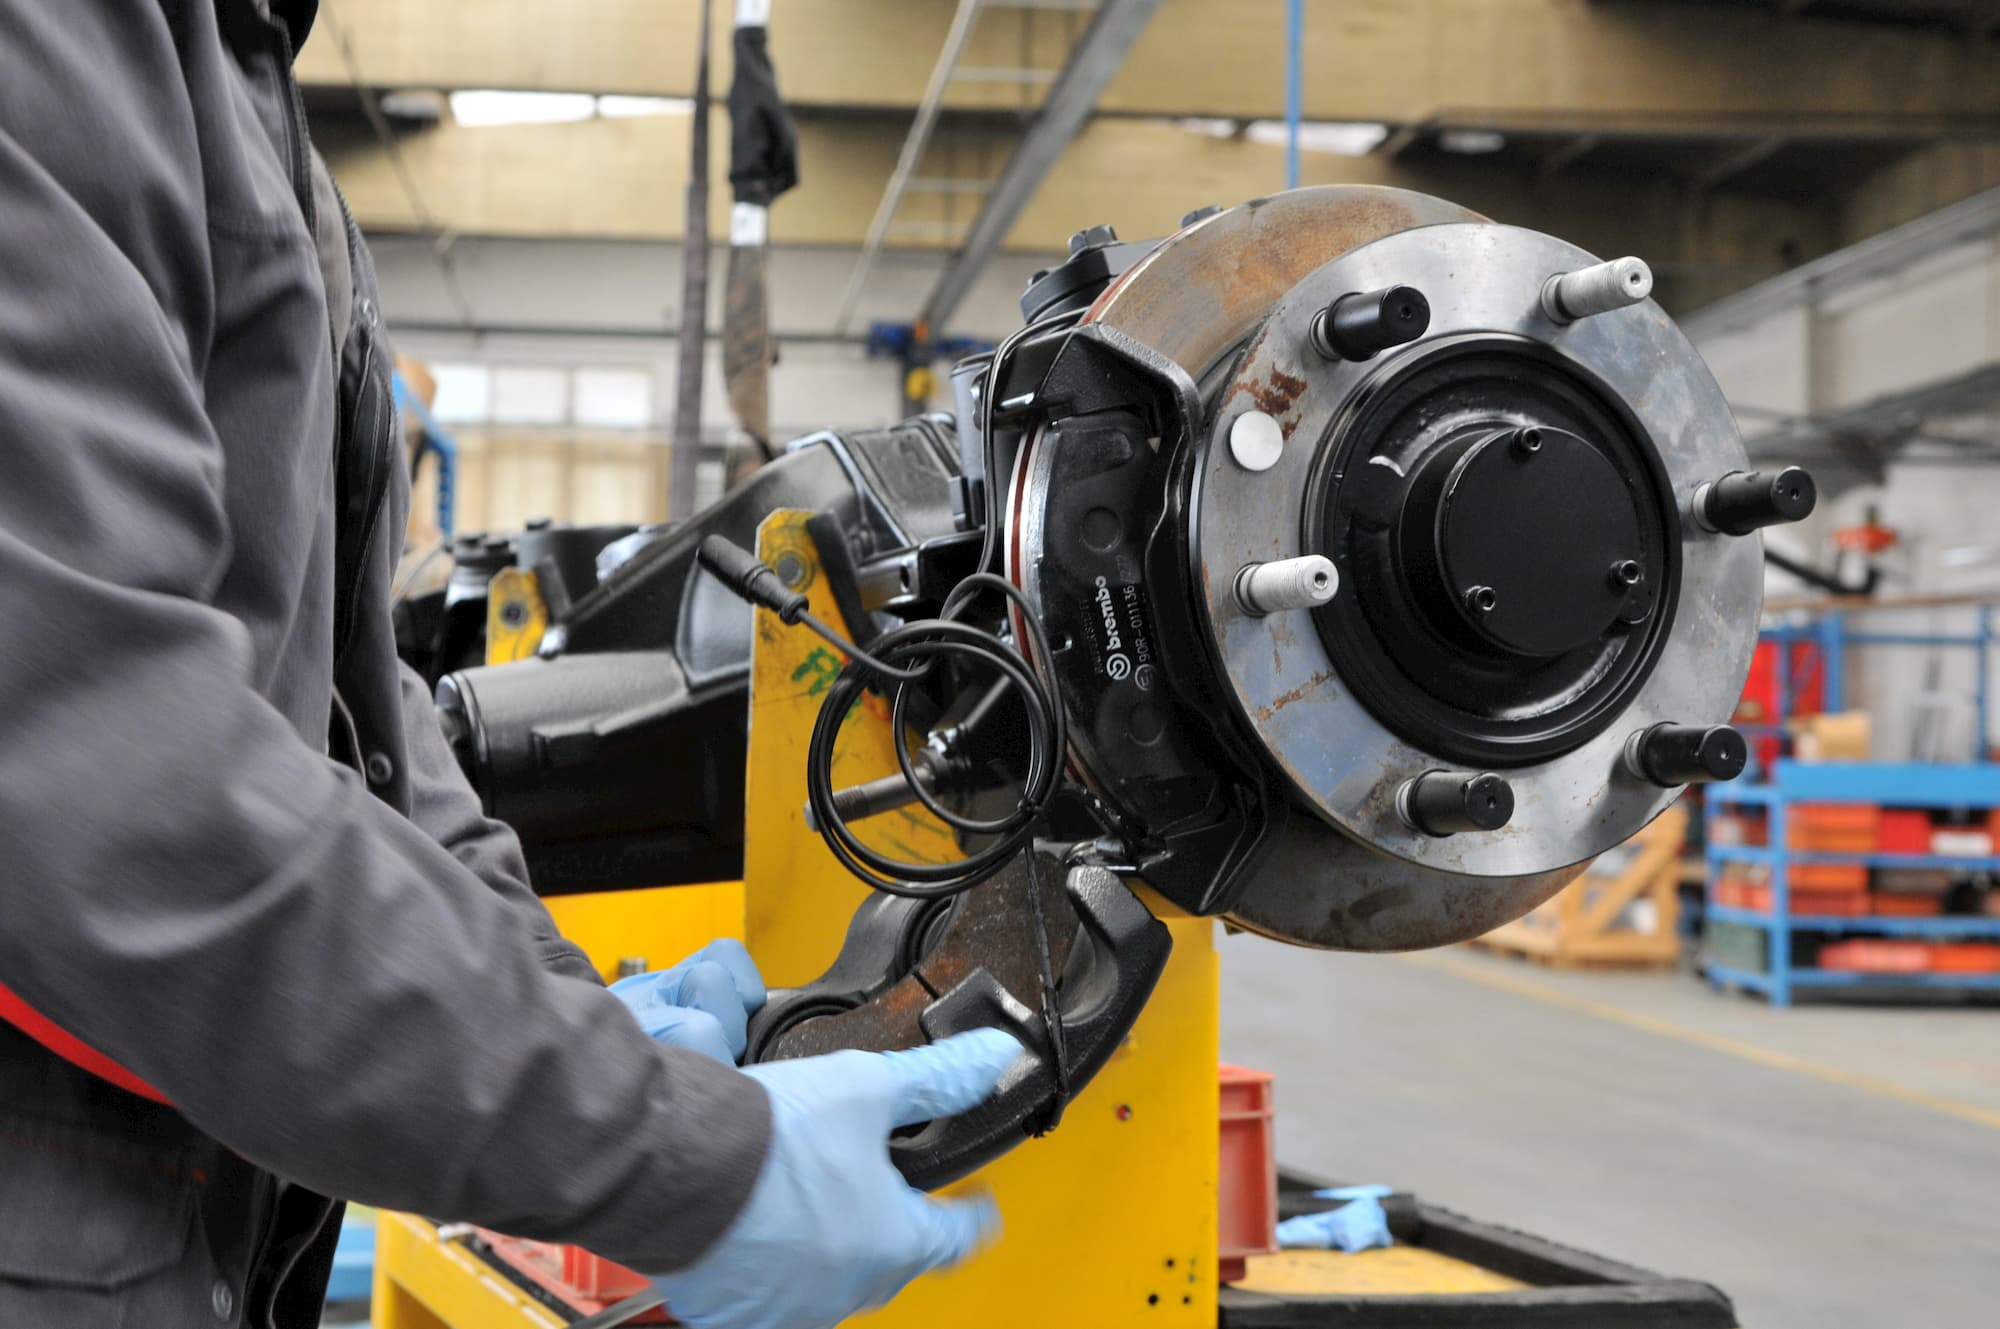 entretien mécanique véhicule industriel et militaire en Auvergne : moteur, pont, freinage, châssis, carrosserie - JOGAM SET